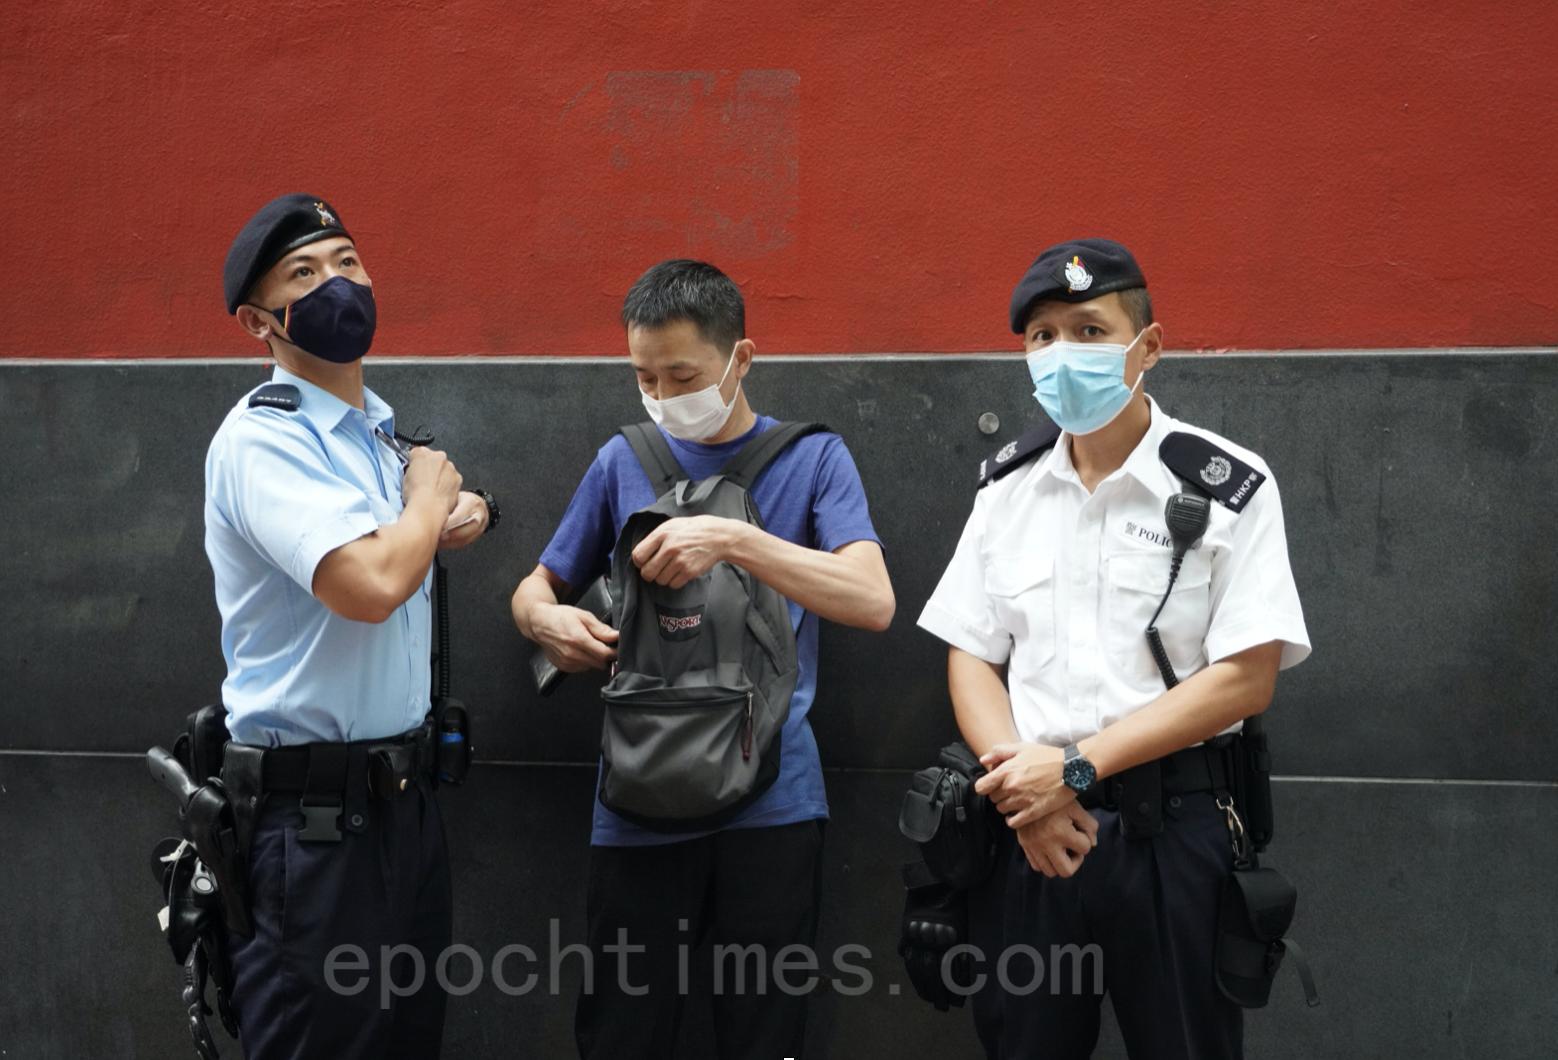 臨近71,警方高度戒備,旺角朗豪坊已見十數名警員戒備,並有警員附近街道巡邏,亦有市民被查證。(余鋼/大紀元)